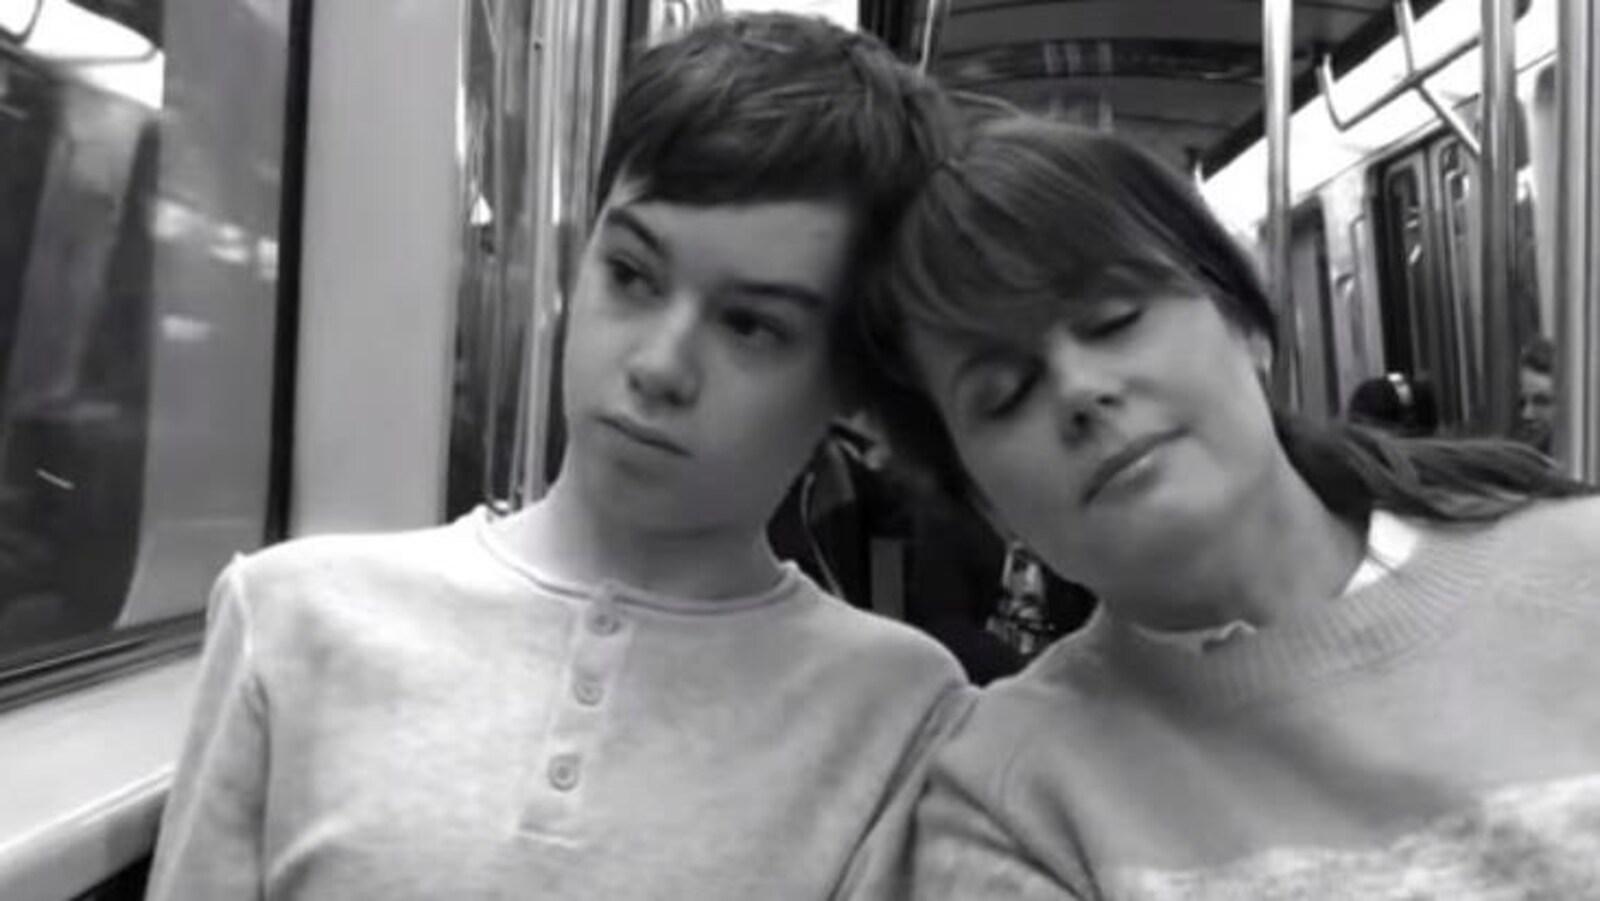 Le jeune homme et sa mère sont collés assis dans le métro.